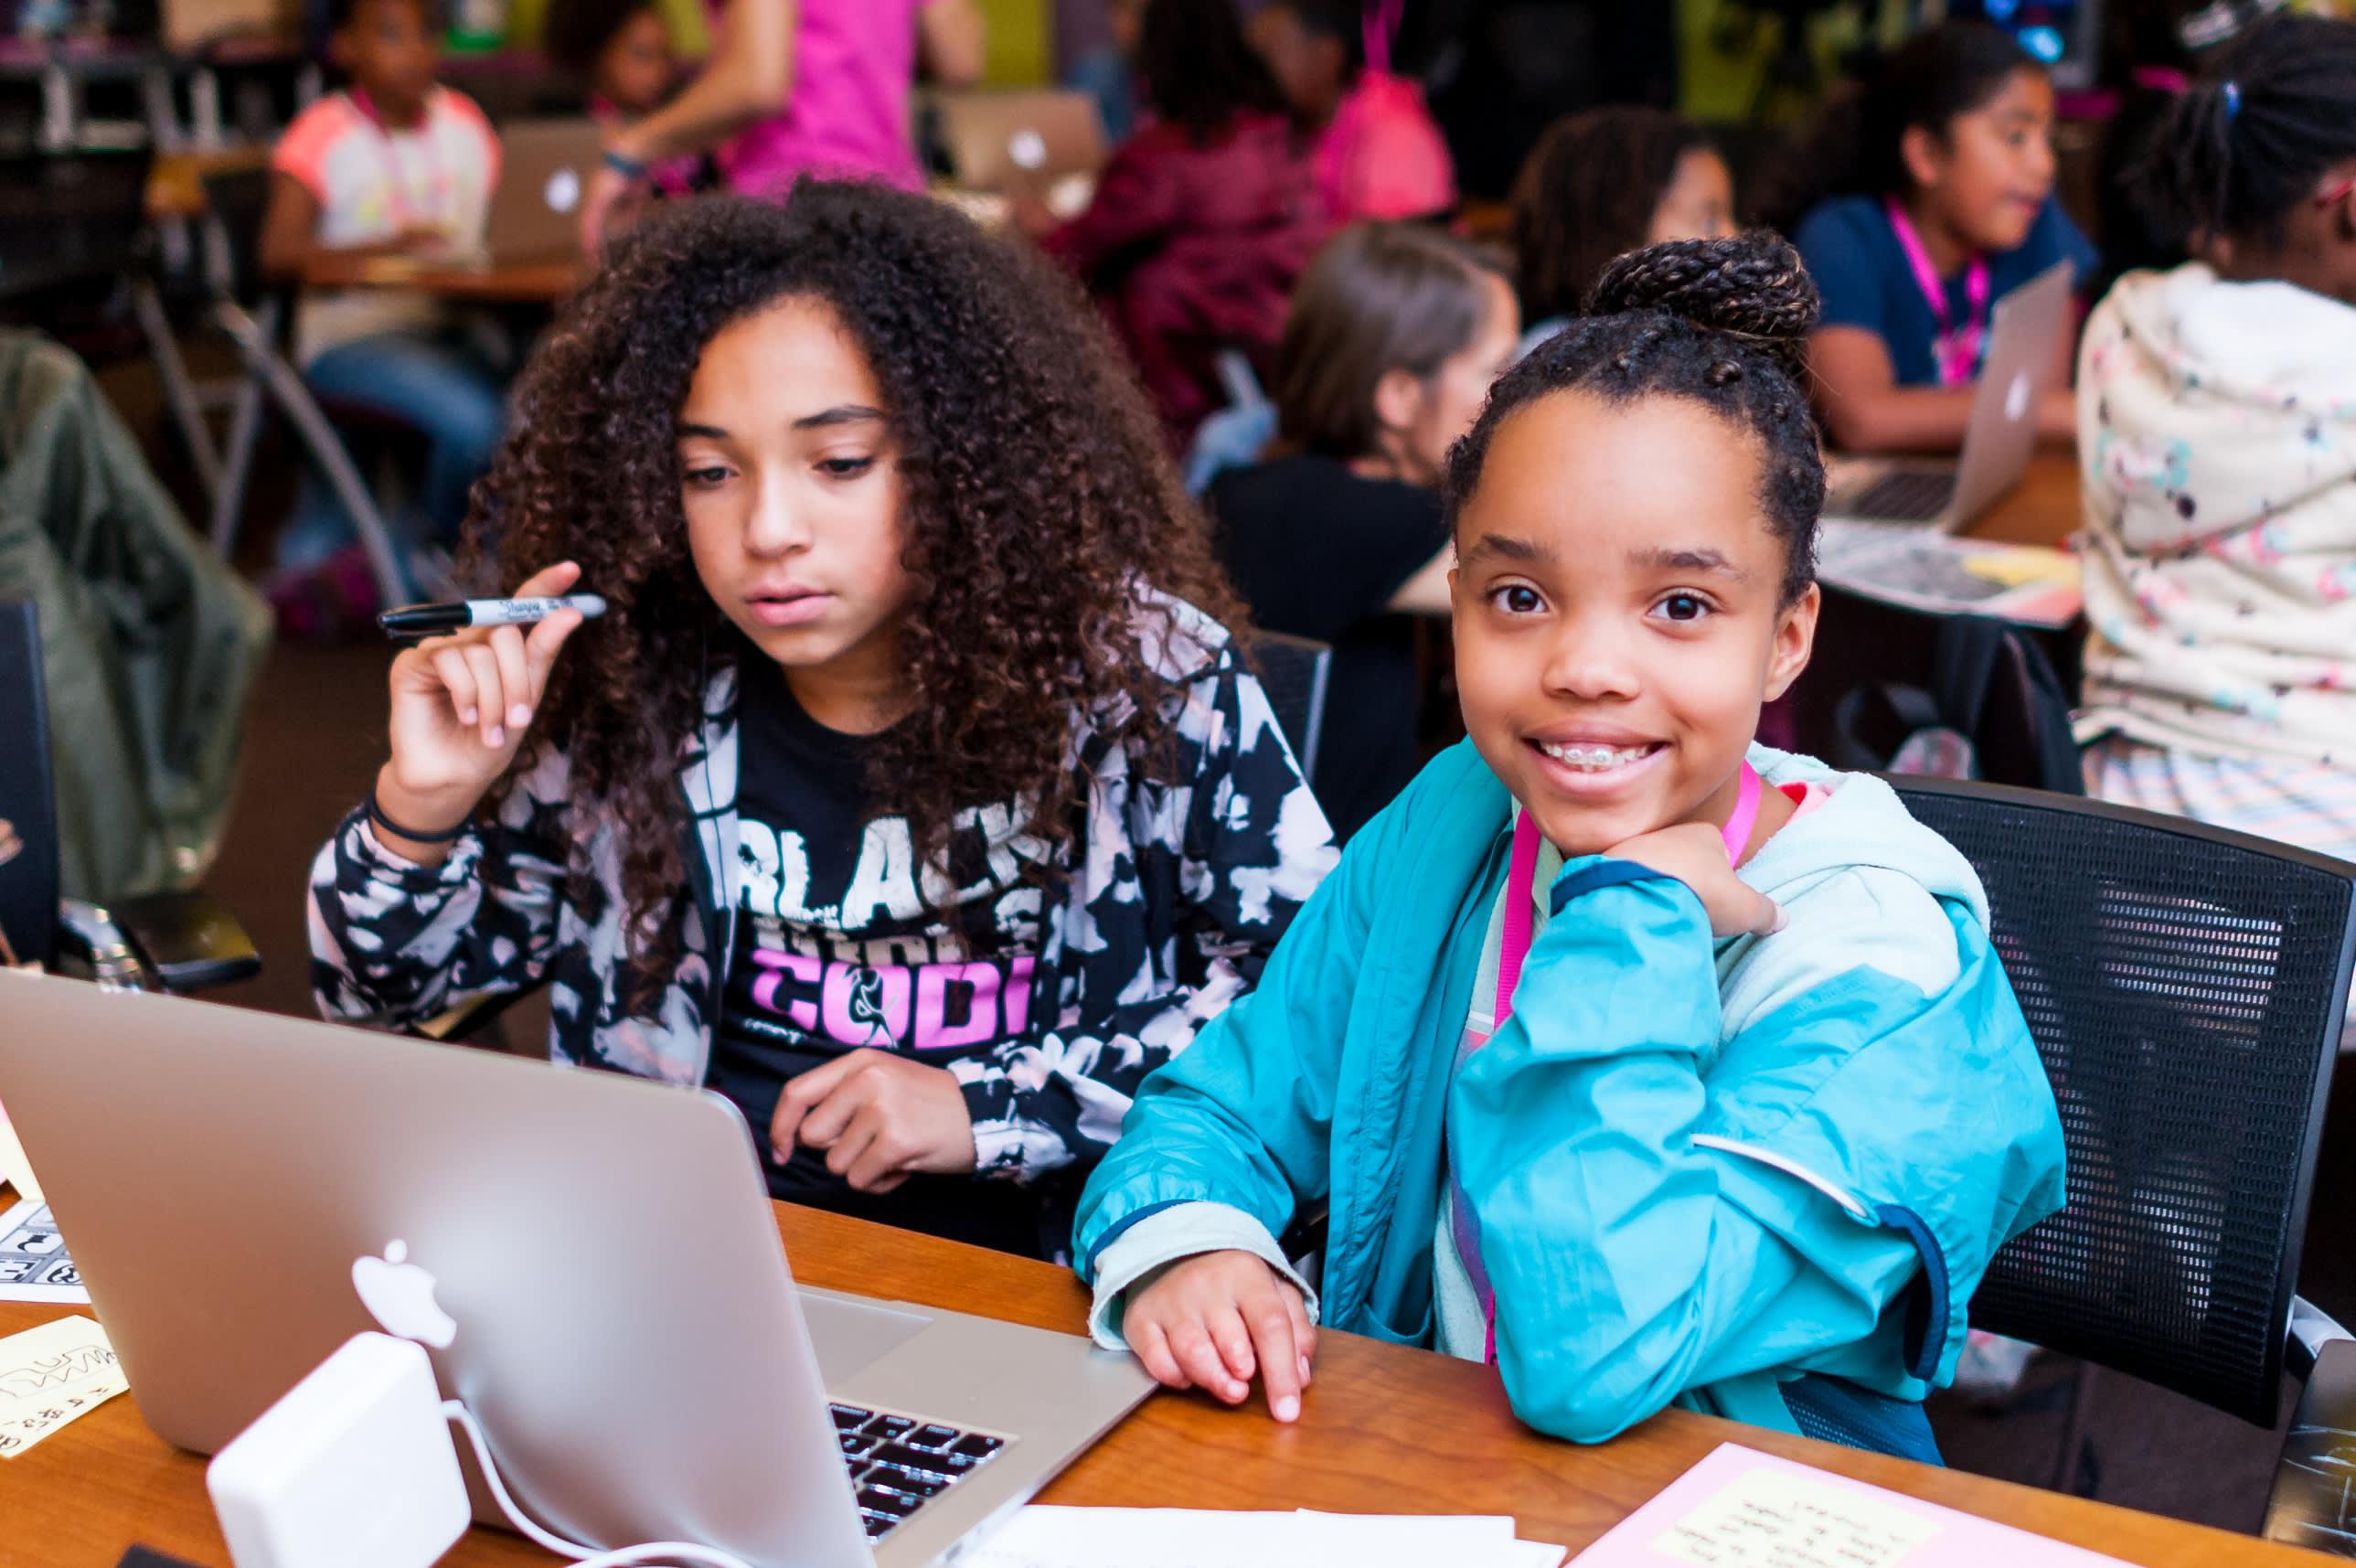 コンピュータの前で勉強する 2 人の少女。